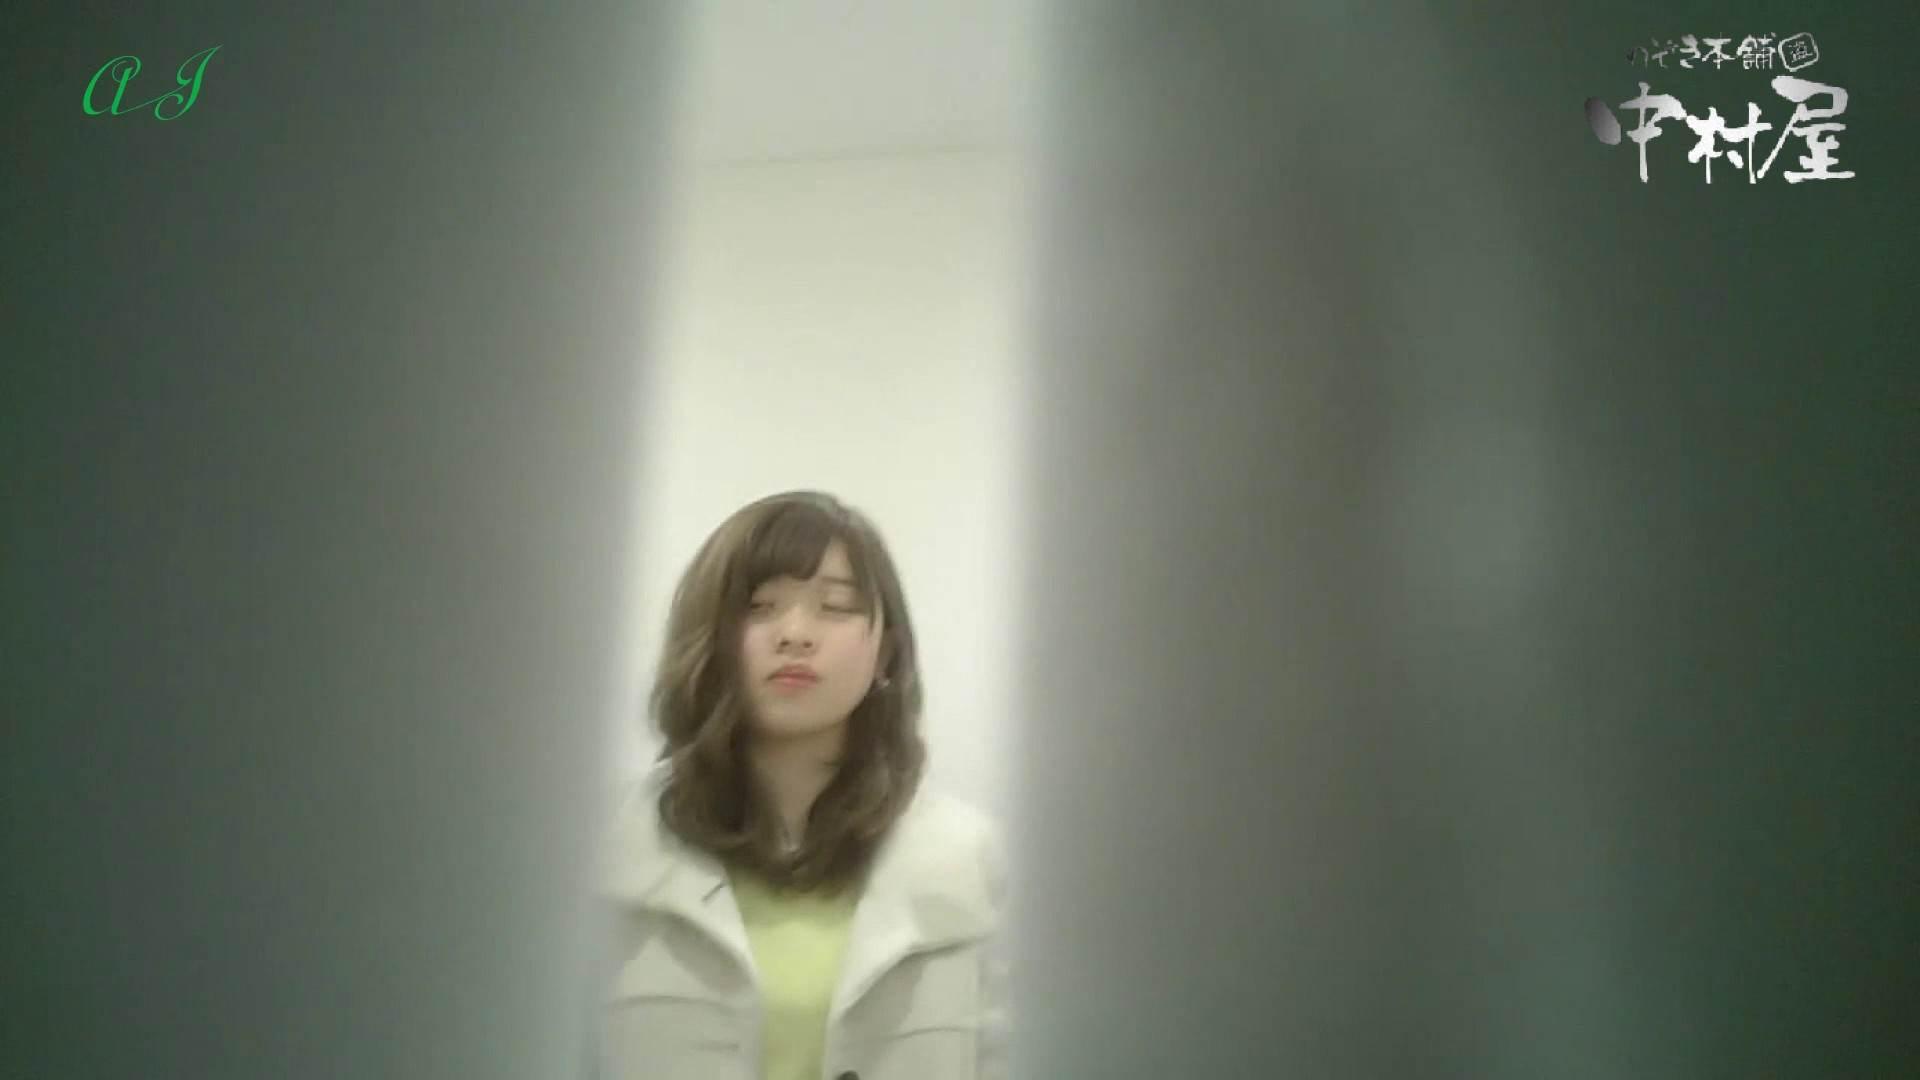 有名大学女性洗面所 vol.61 お久しぶりです。美しい物を美しく撮れました 洗面所 ワレメ無修正動画無料 57枚